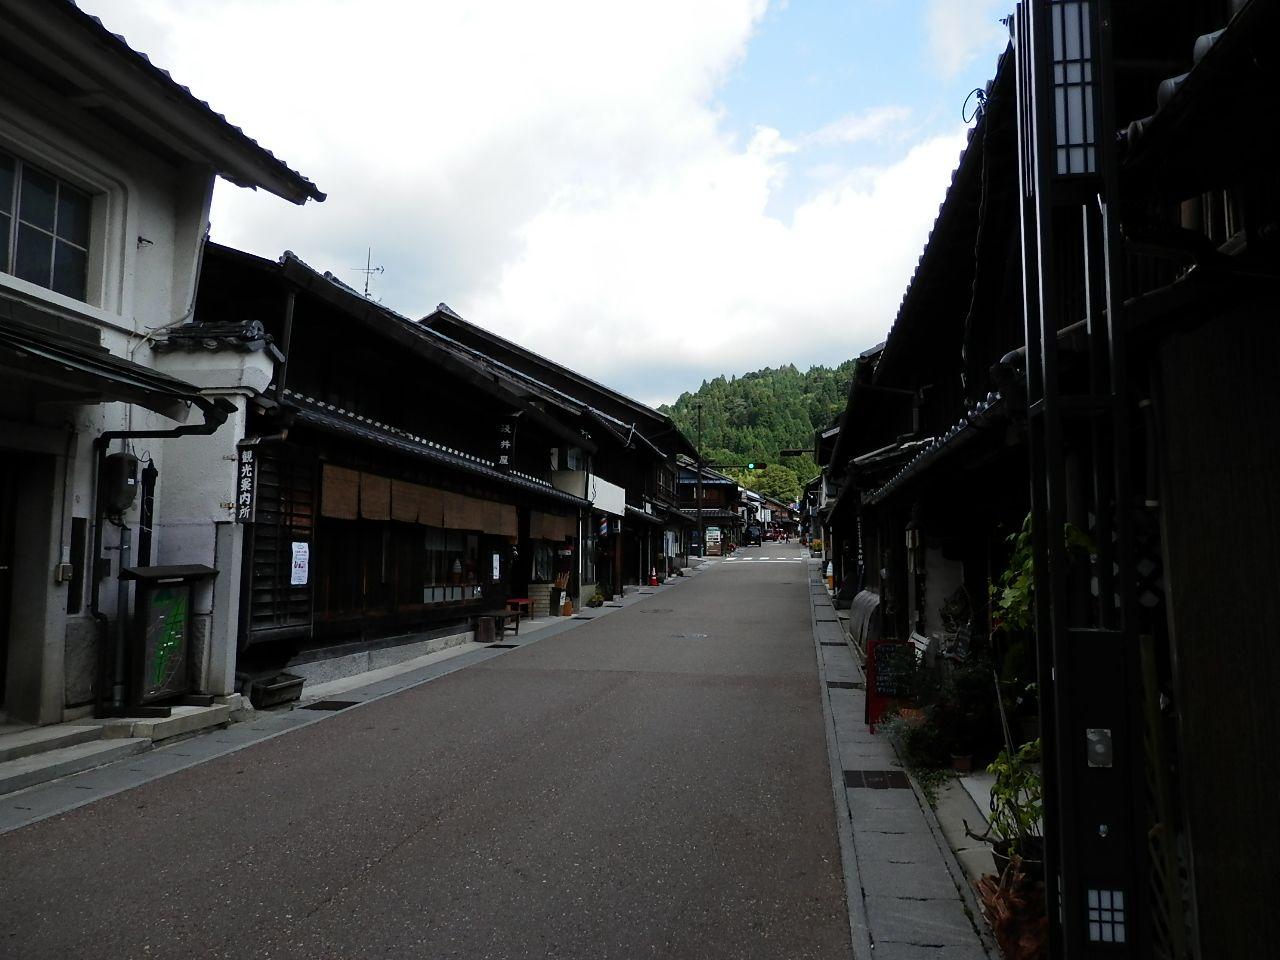 江戸から昭和までの雰囲気が混在する城下町がどこか懐かしい